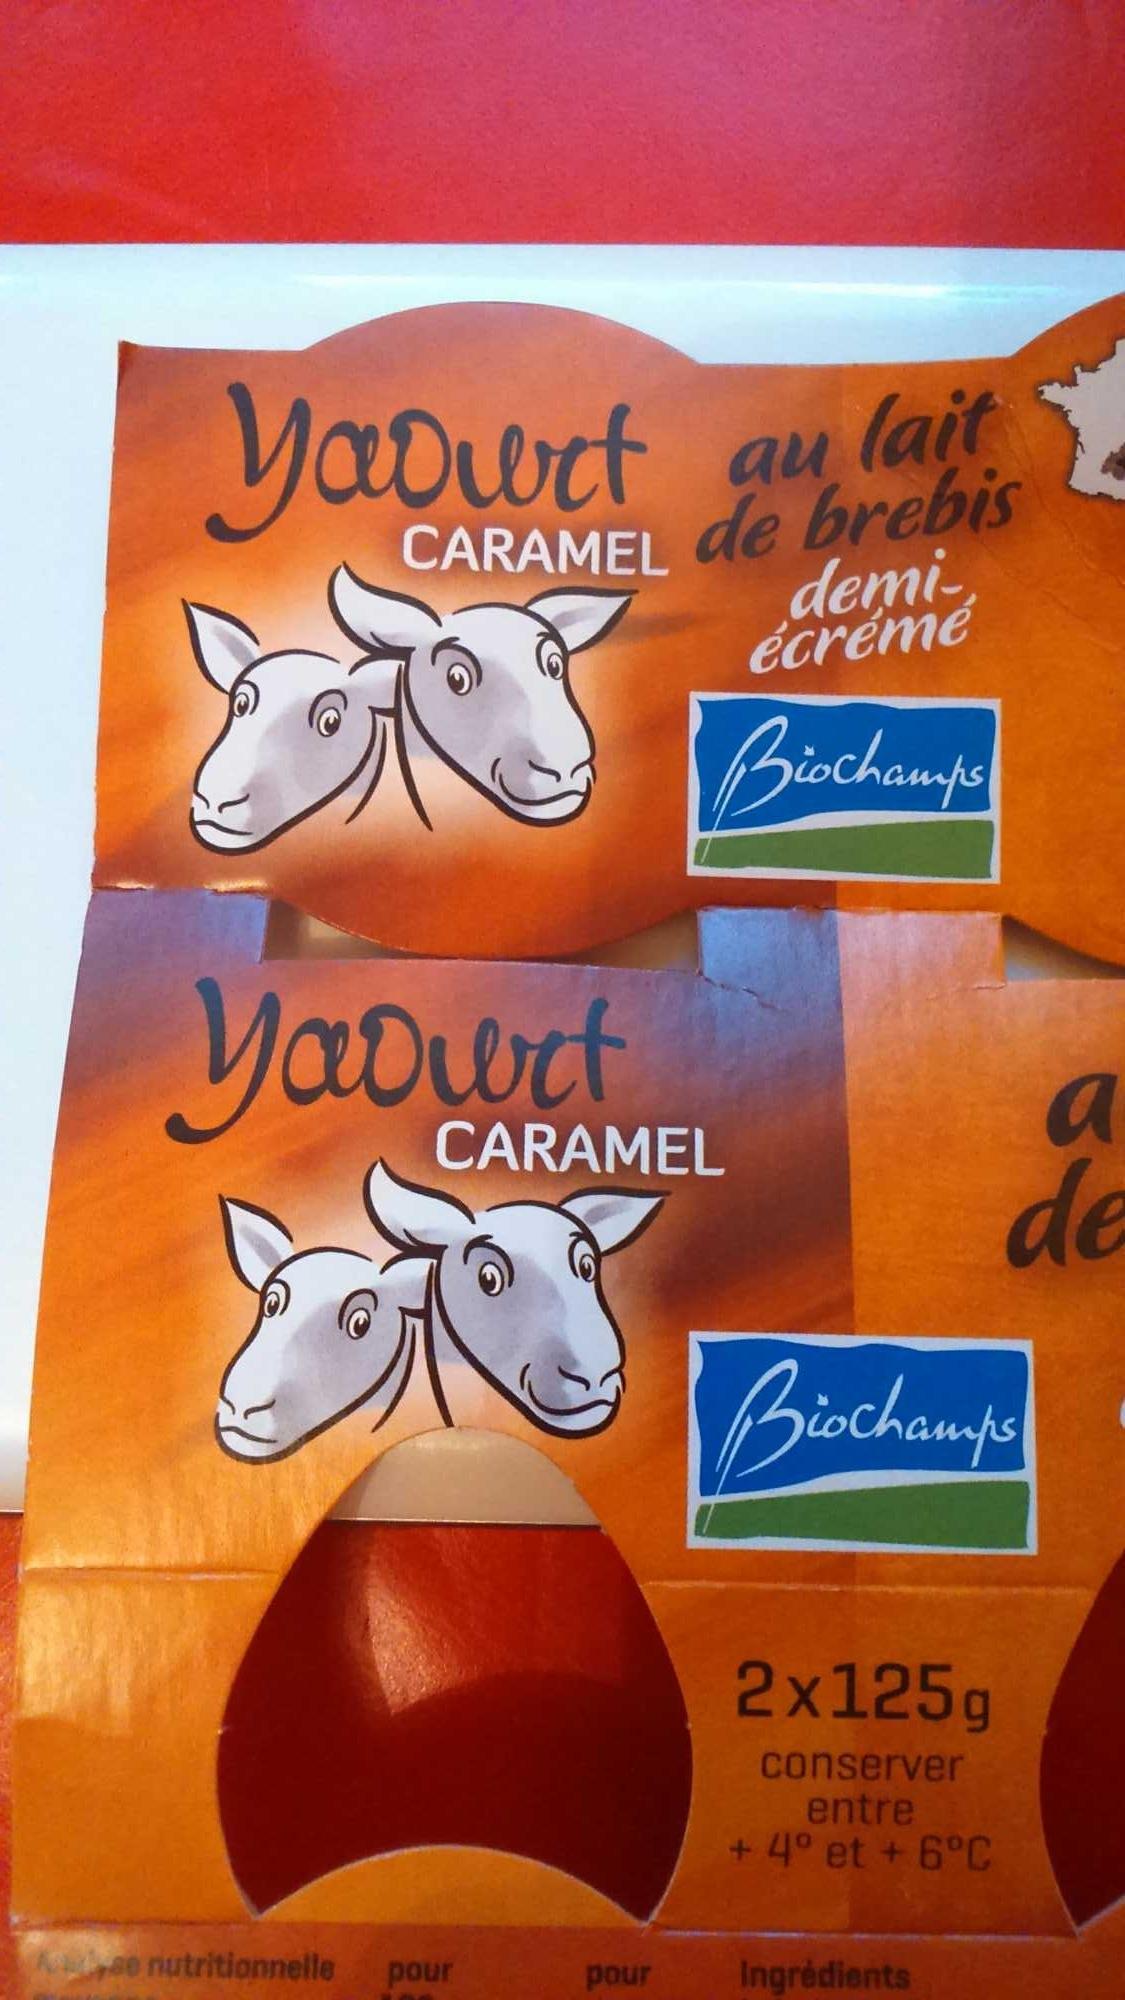 Yaourt Caramel au lait de brebis demi-écrémé Bio - Produit - fr